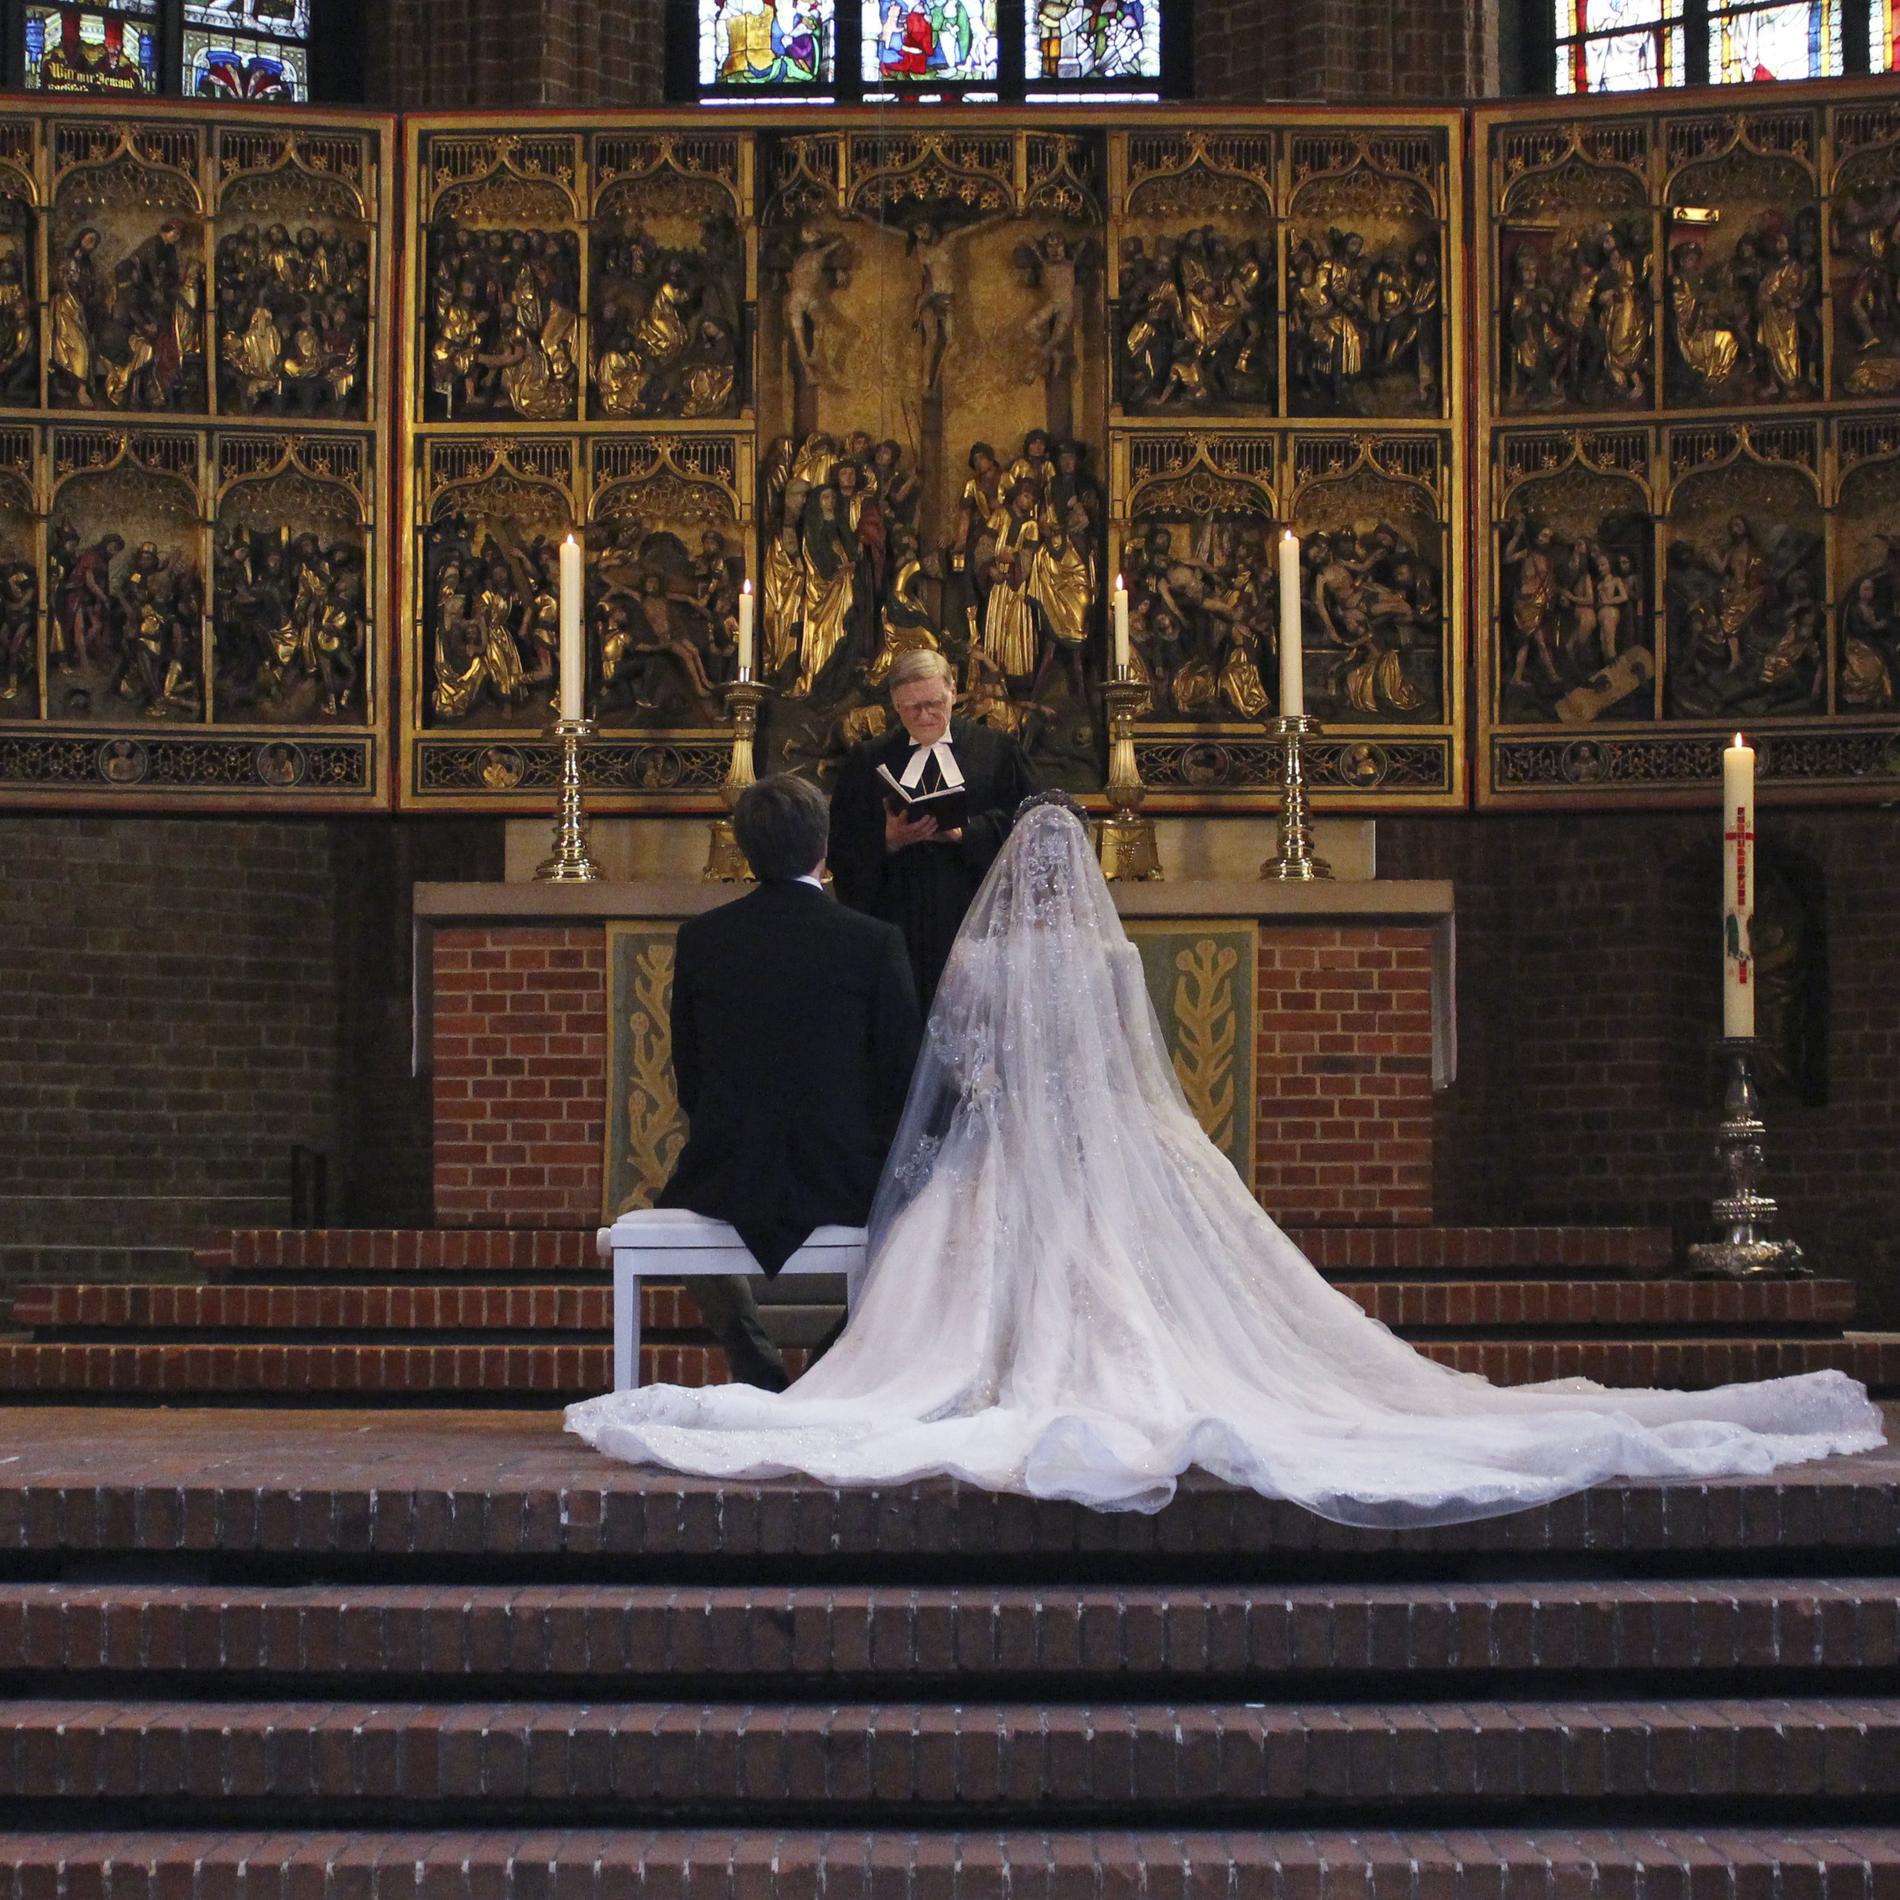 Le mariage princier de Ernst August de Hanovre Jr. et Ekaterina Malysheva